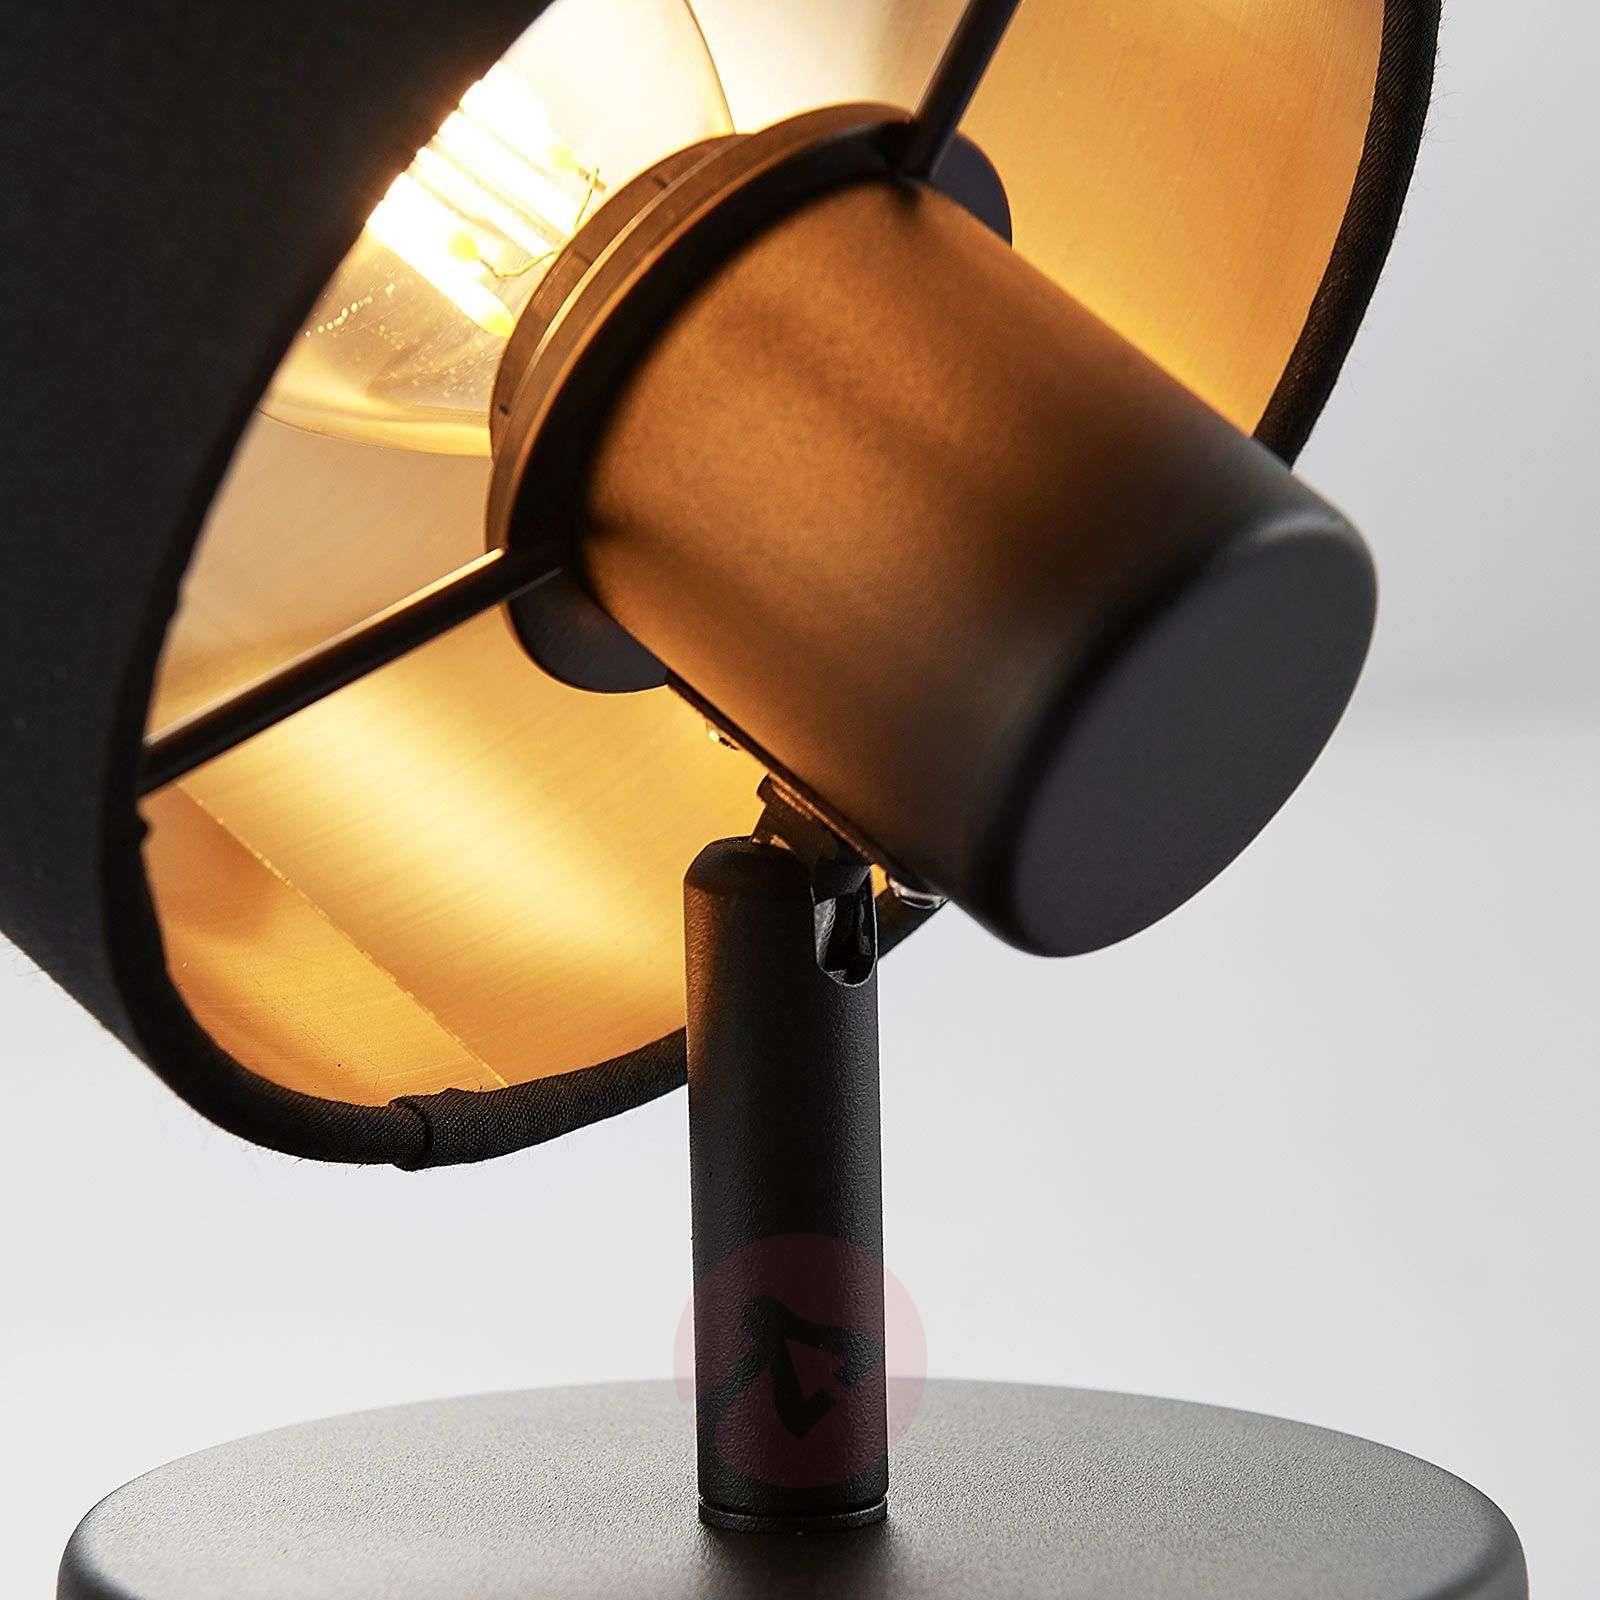 Seinävalaisin Vasilia, musta ja kulta 1-lamppuinen-8032155-02